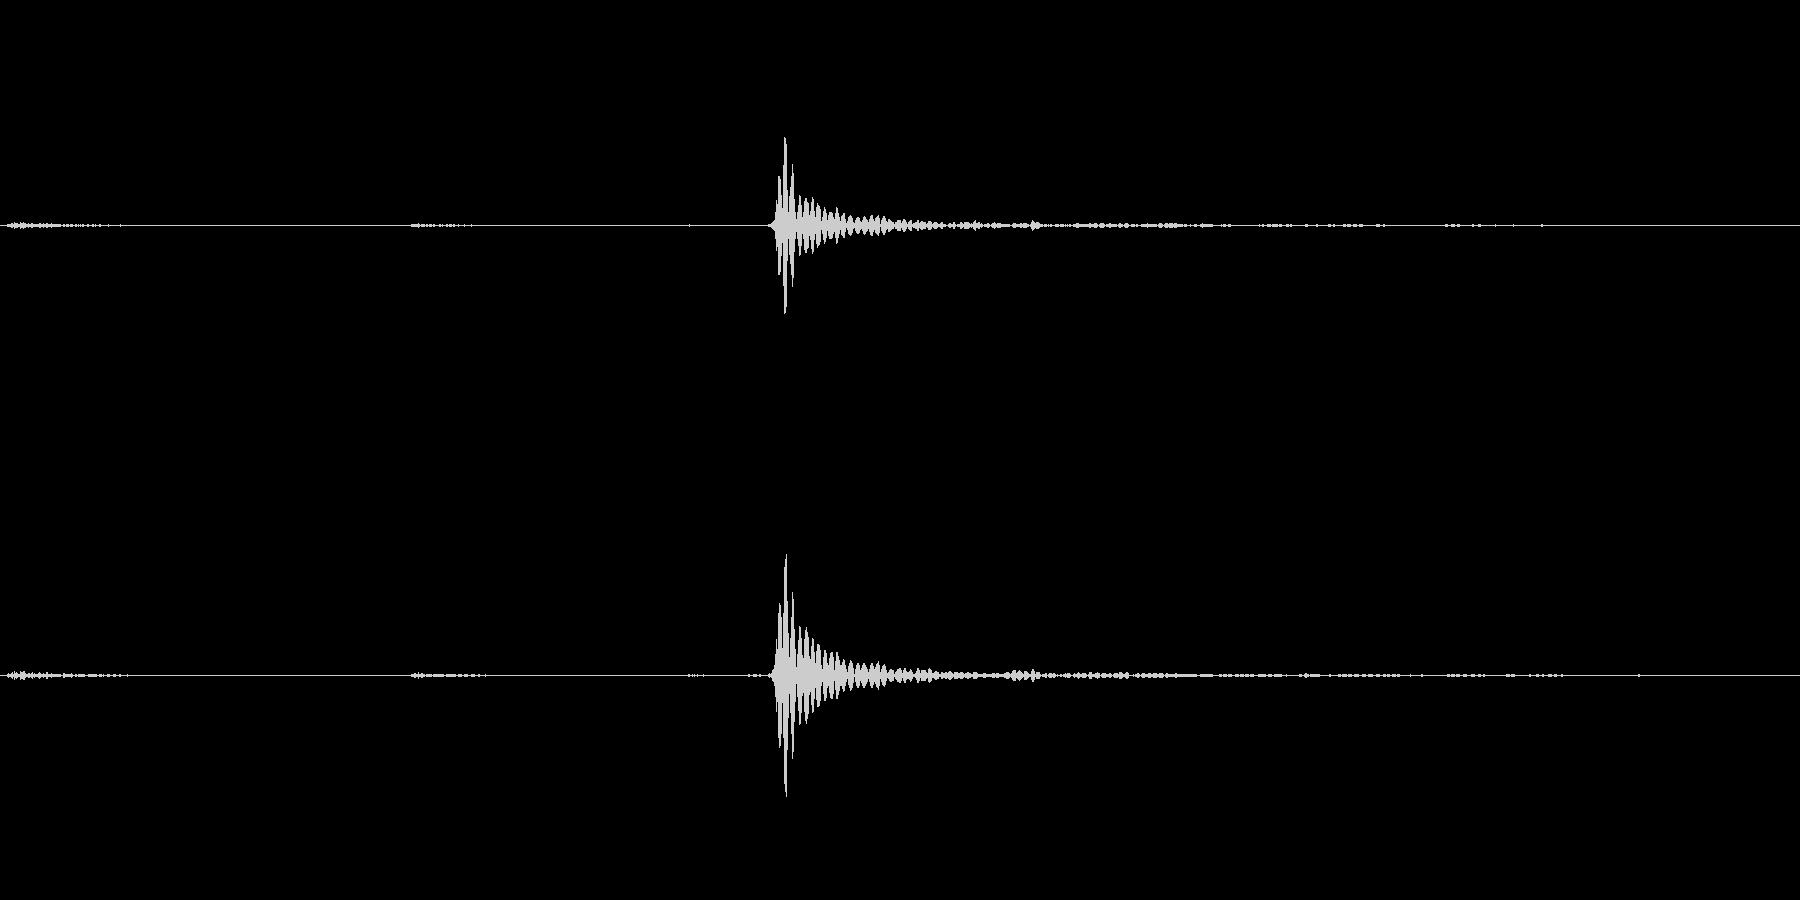 カリッ(錠剤などの硬い物を噛む音)の未再生の波形